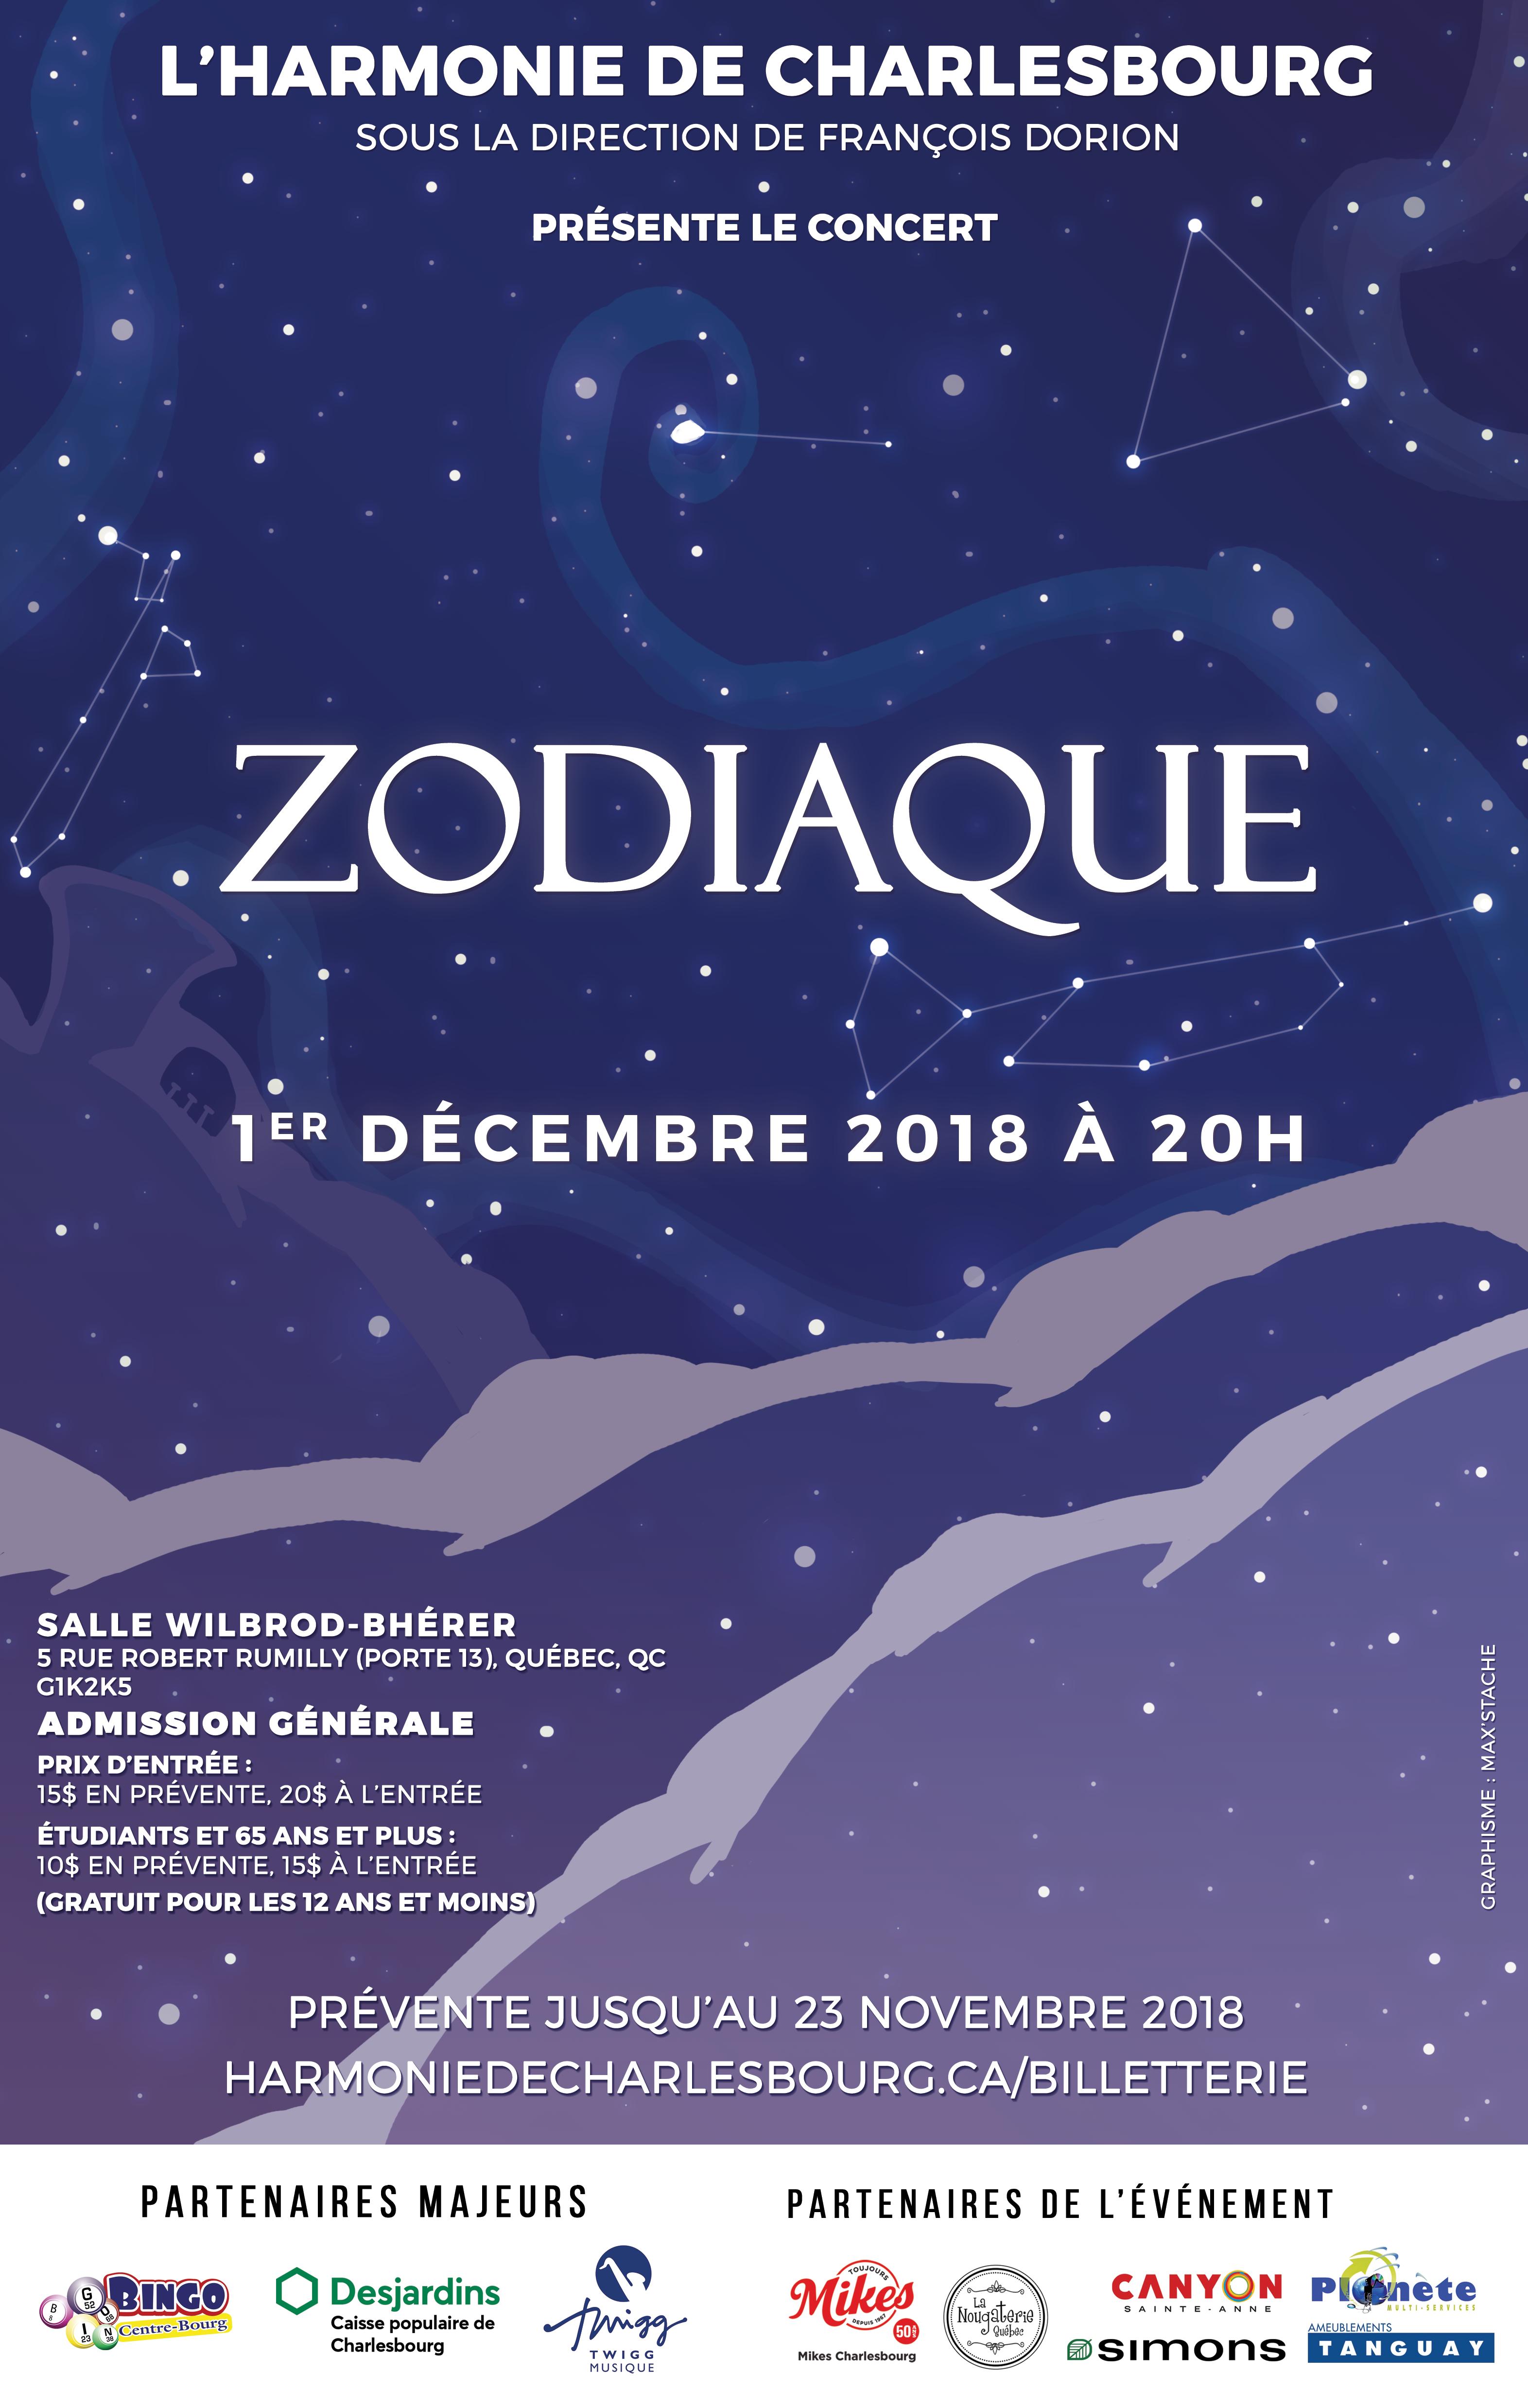 concert-zodiaque-Harmonie-de-charlesbourg-décembre-2018-web